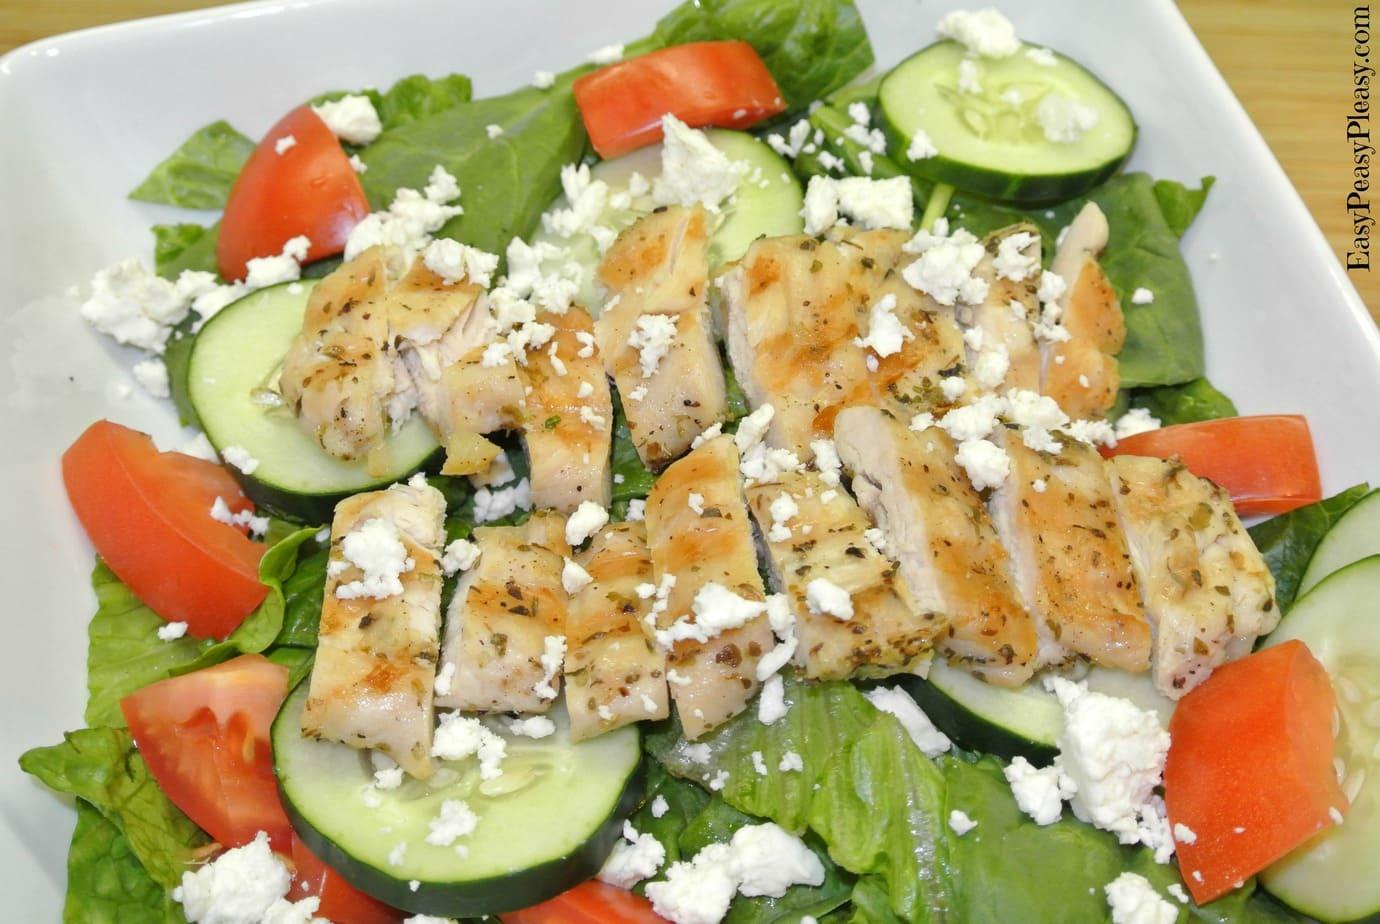 Greek Marinated Grilled Chicken Salad